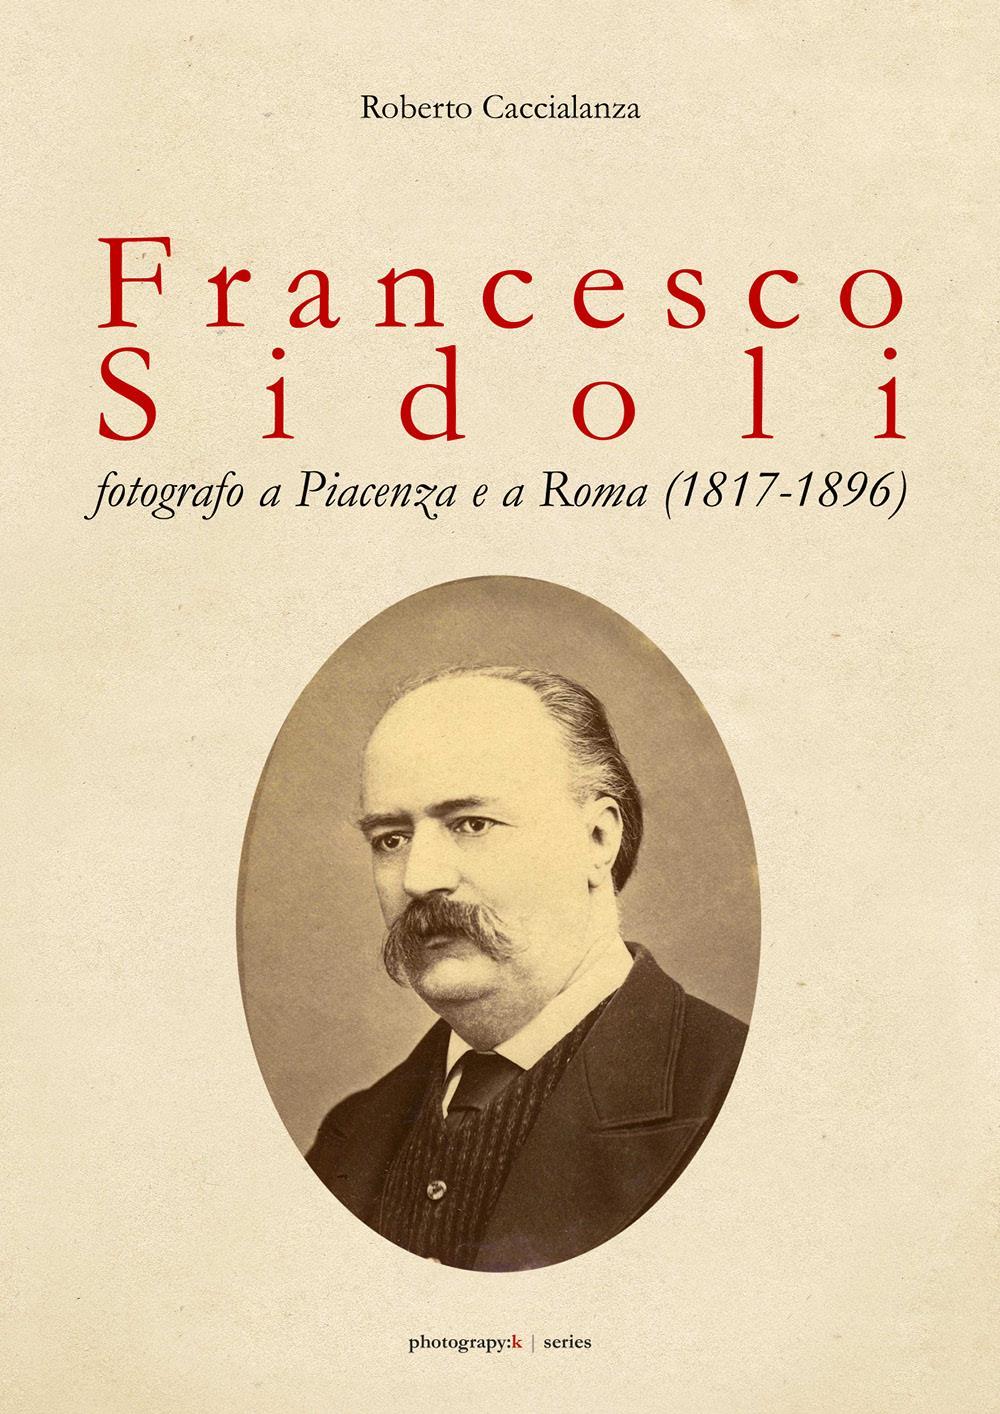 Francesco Sidoli fotografo a Piacenza e a Roma (1817-1896)